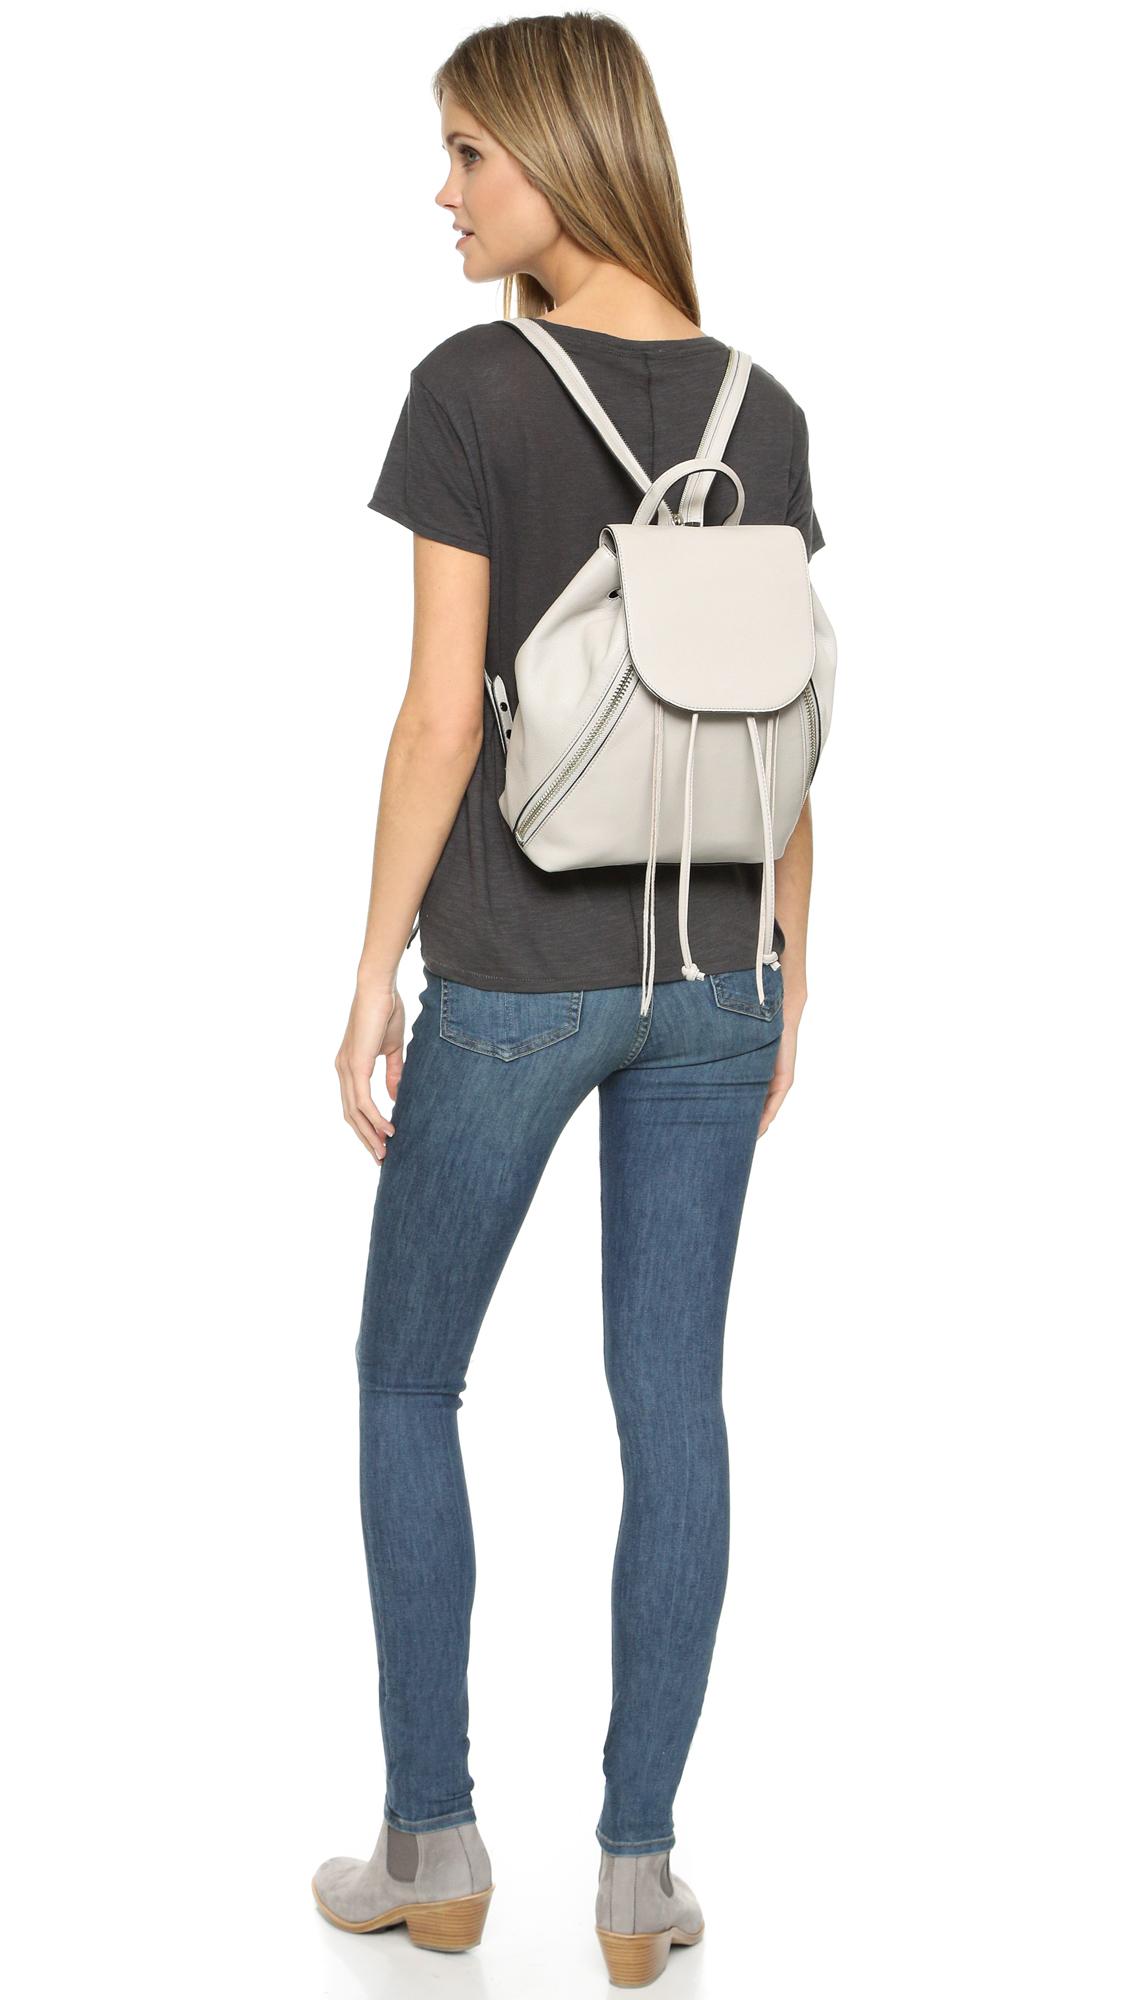 Rebecca minkoff Bryn Backpack in White